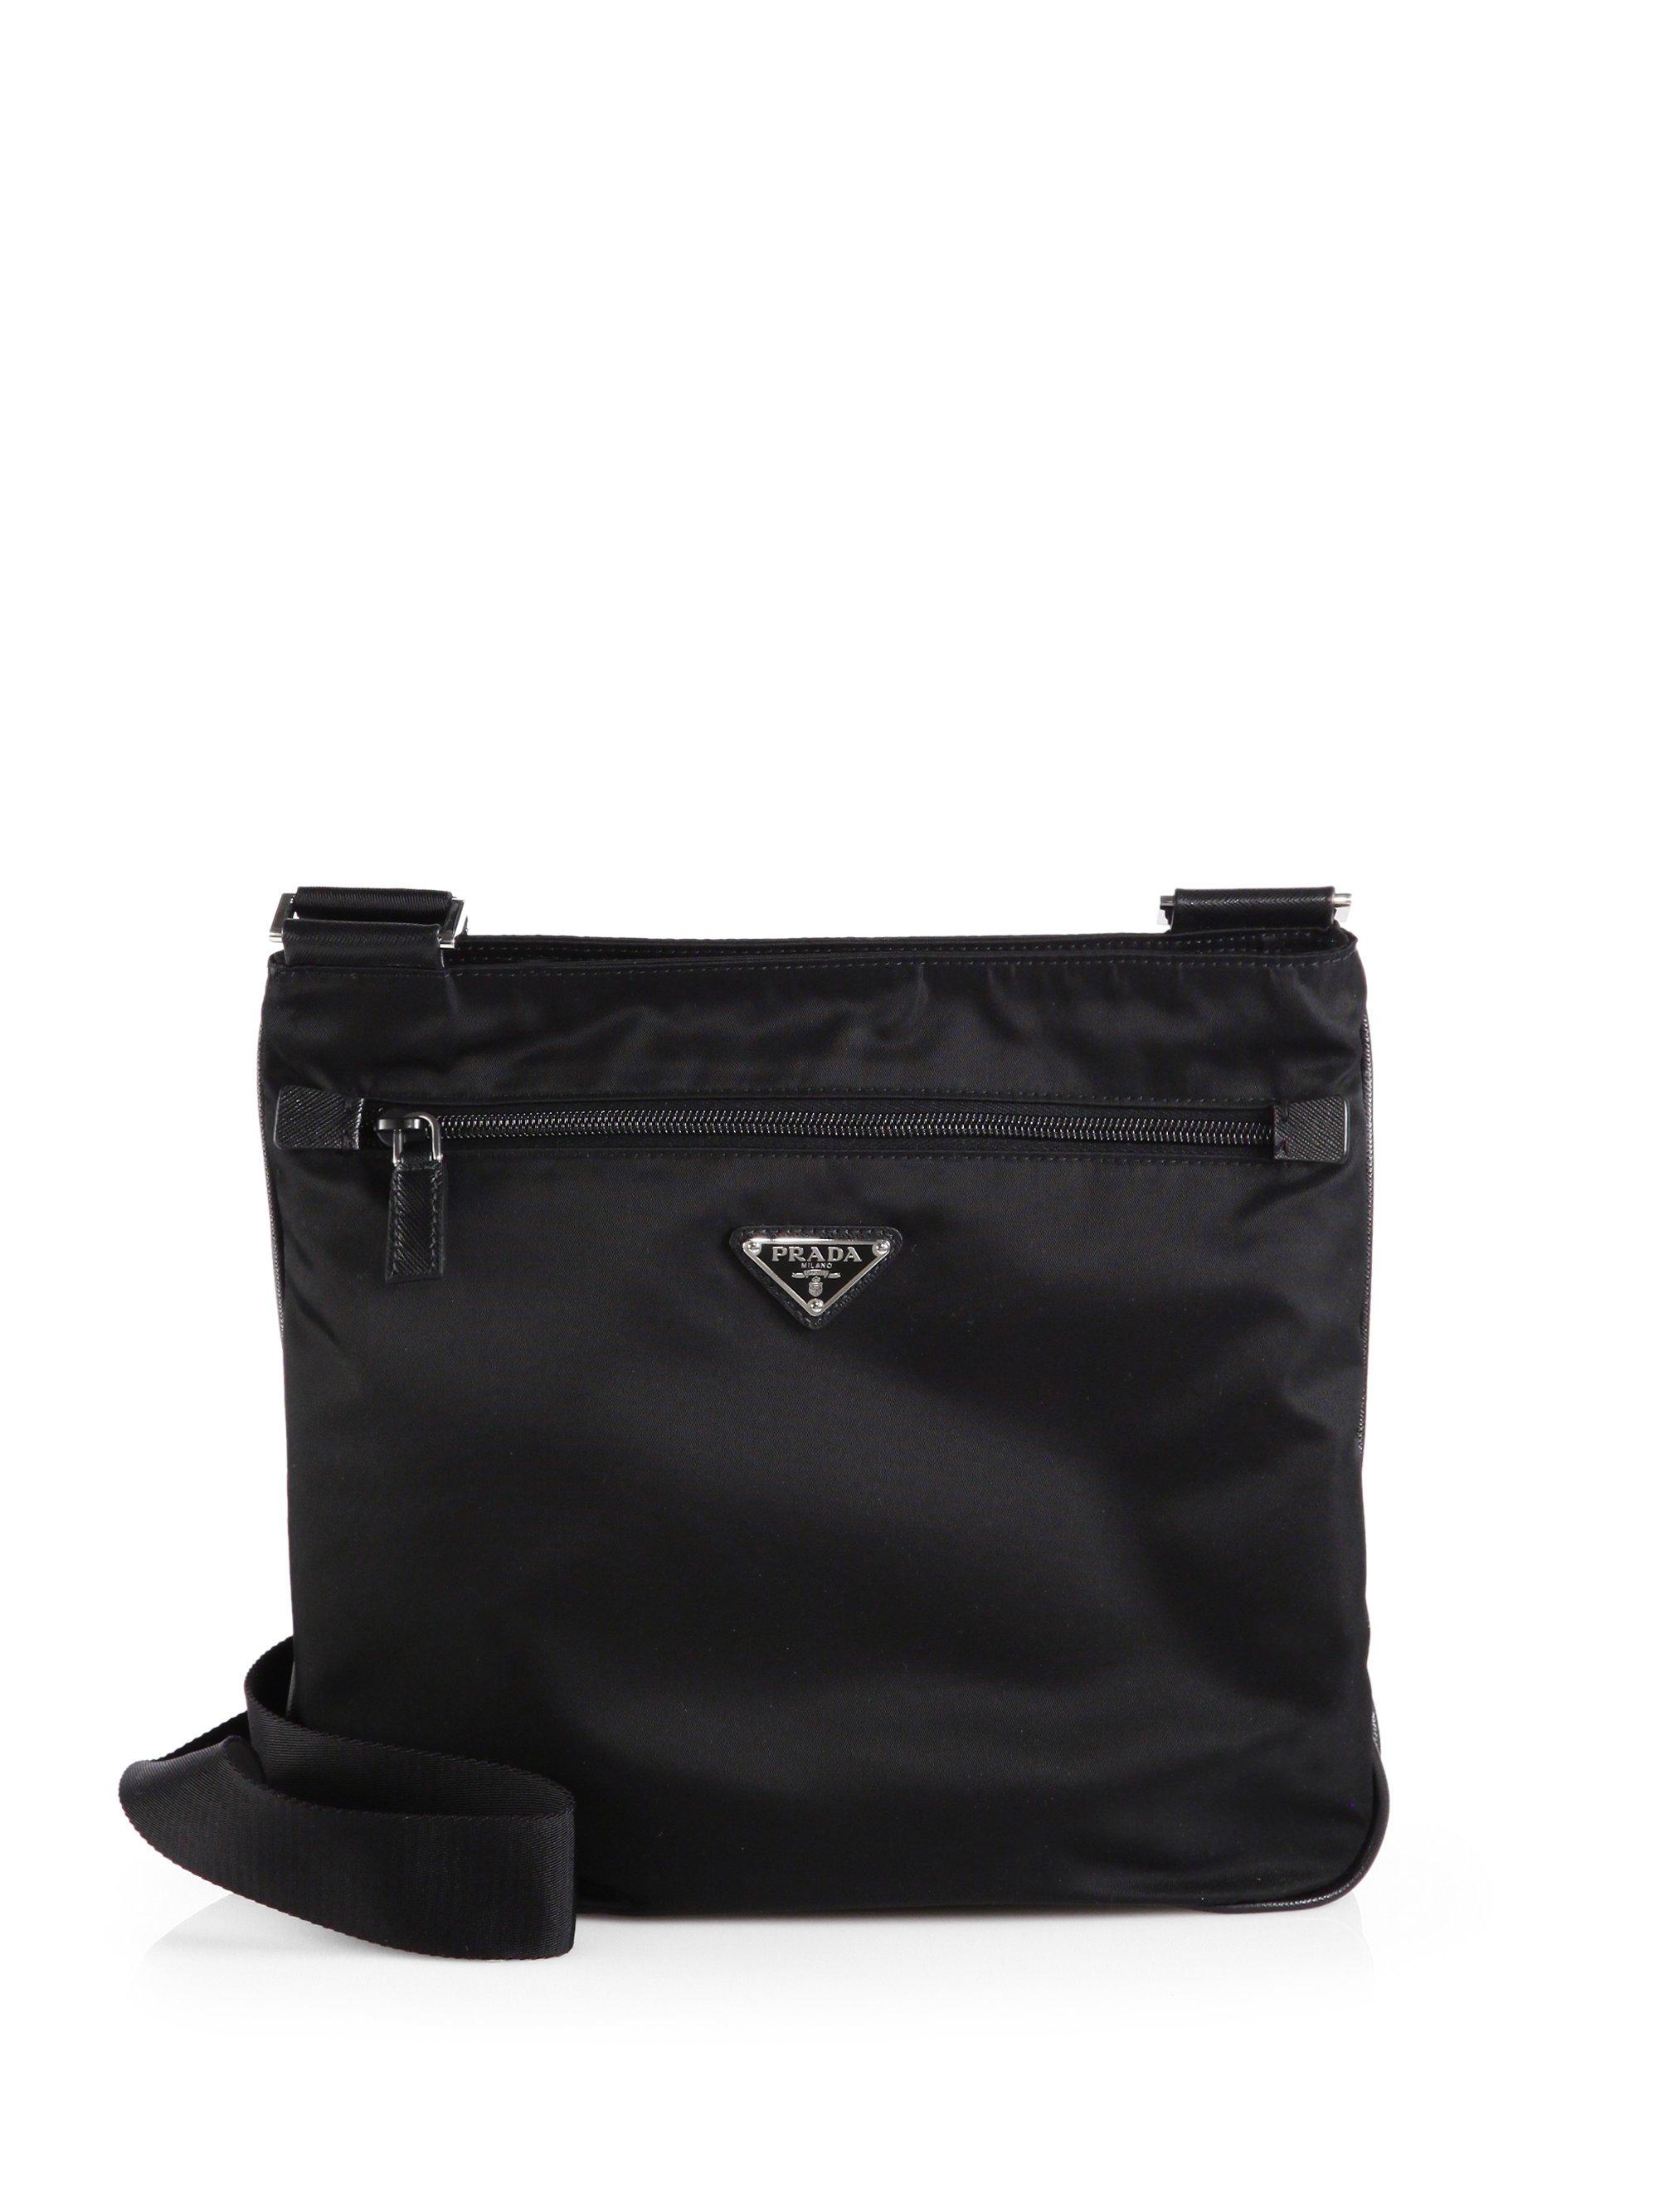 1d3d710ae36f ... italy lyst prada nylon messenger bag in black for men a802f 3d0ec